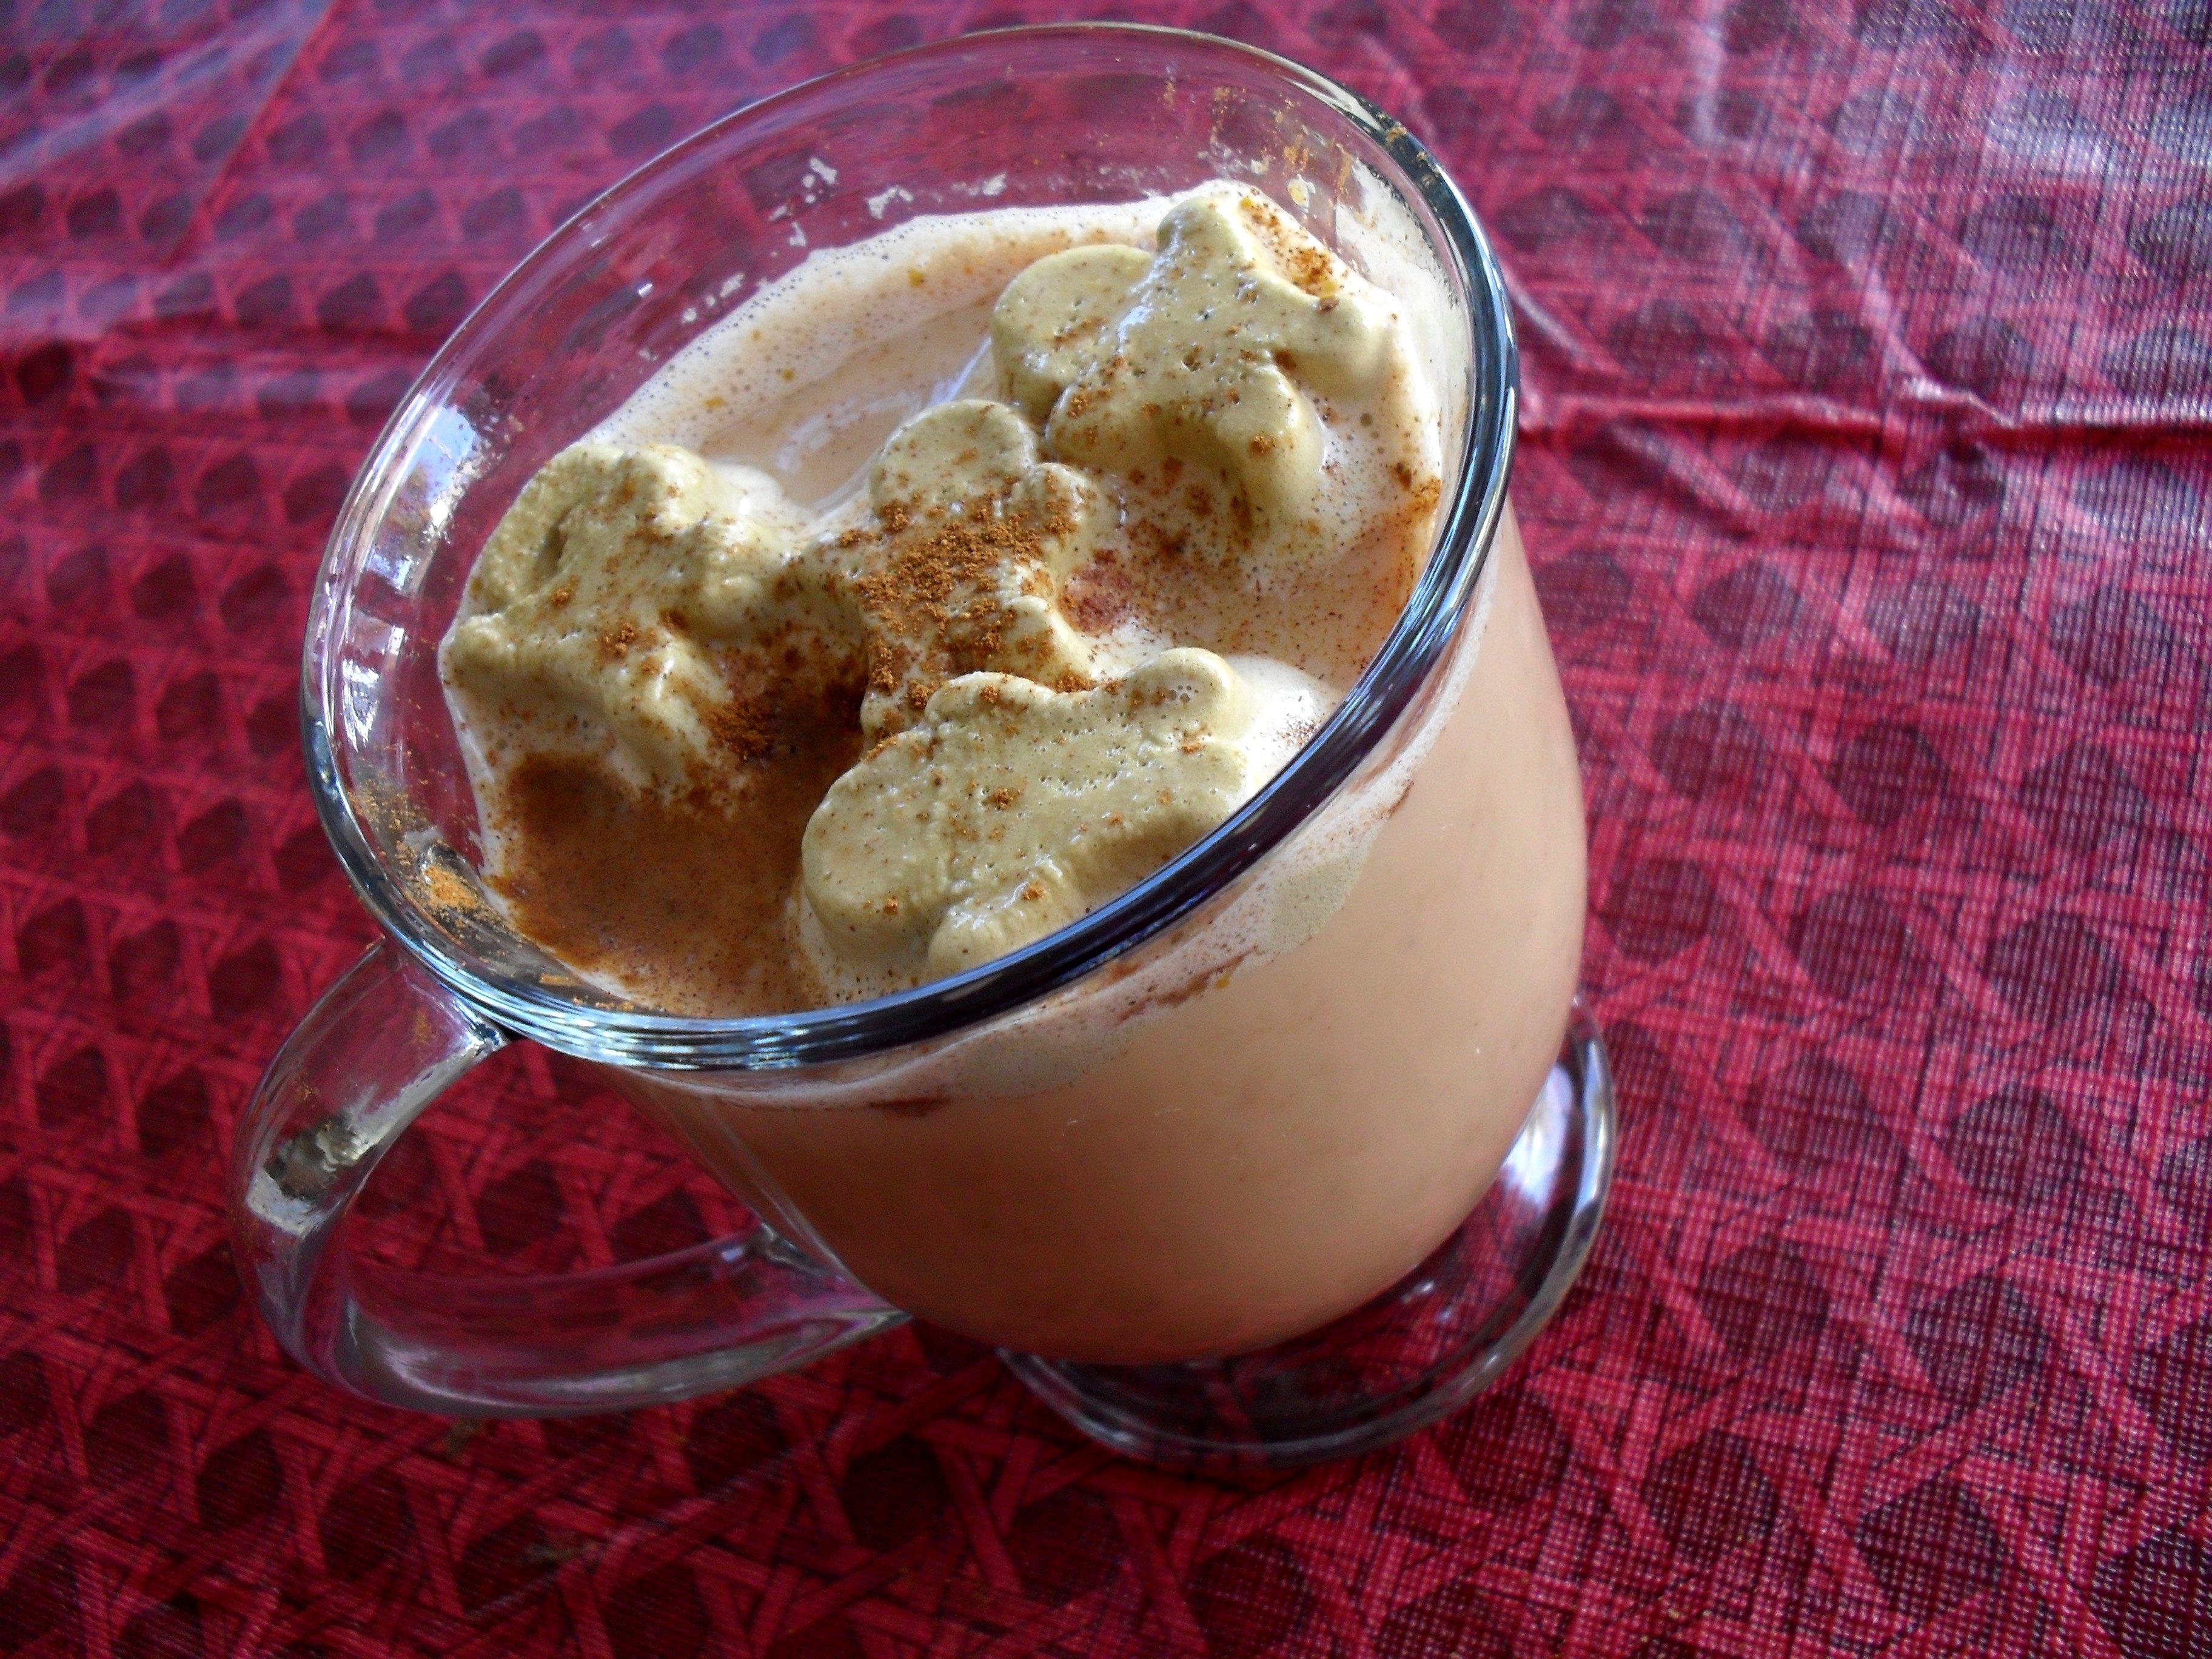 Skinny Pumpkin Spiced Latte | Veronica's Cornucopia